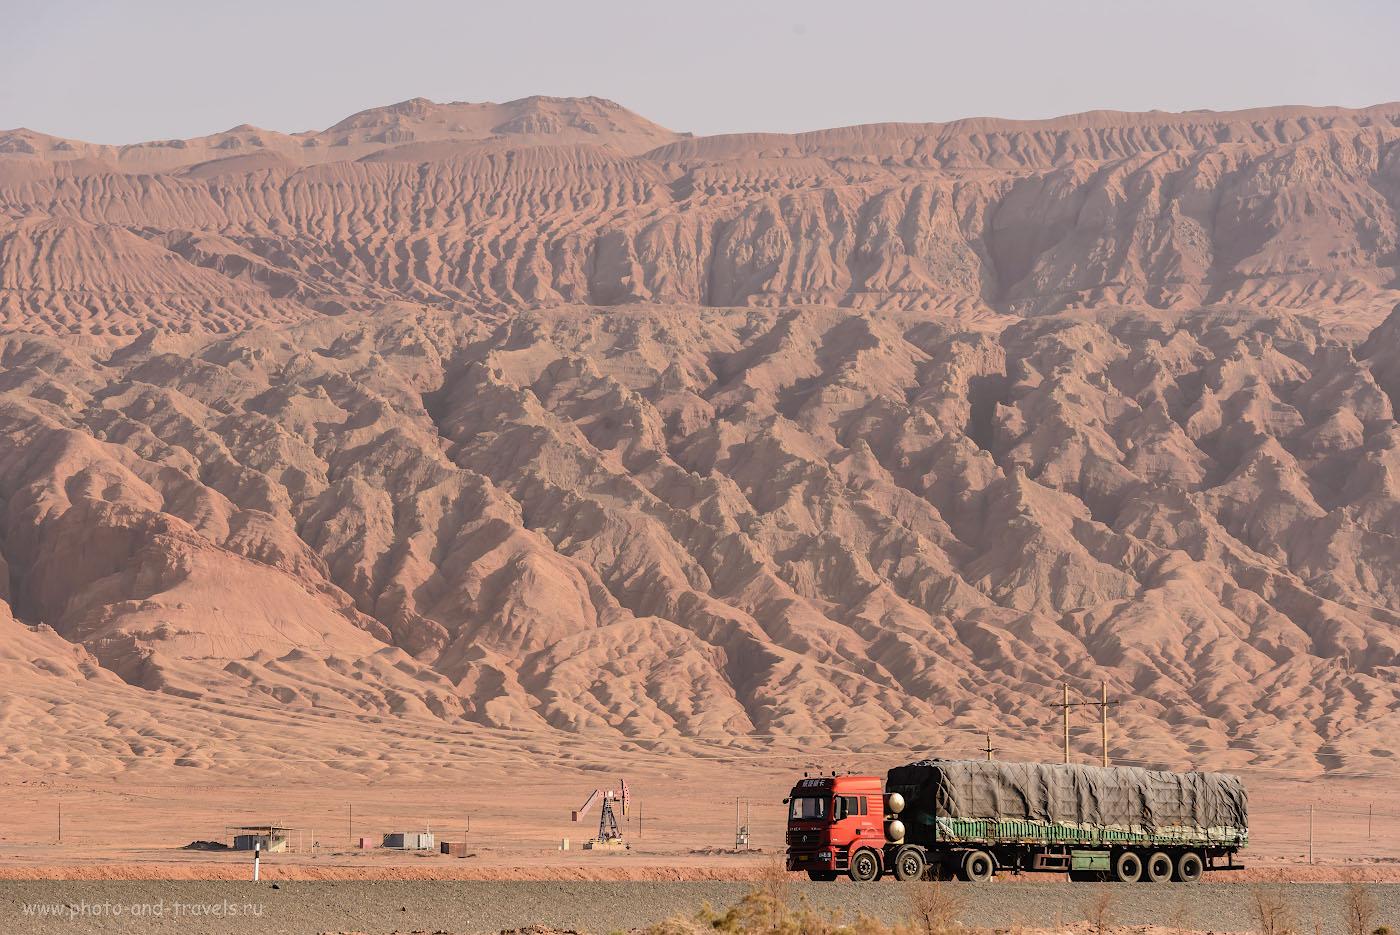 Фото 26. Возможно, корни уйгурского сепаратизма в богатстве региона. В СУАР добывают нефть и газ. Нефтяная вышка на фоне пылающих гор в Турфане. Отзывы туристов о путешествии по Китаю дикарями. 1/800, 0.33, 9.0, 560, 150.